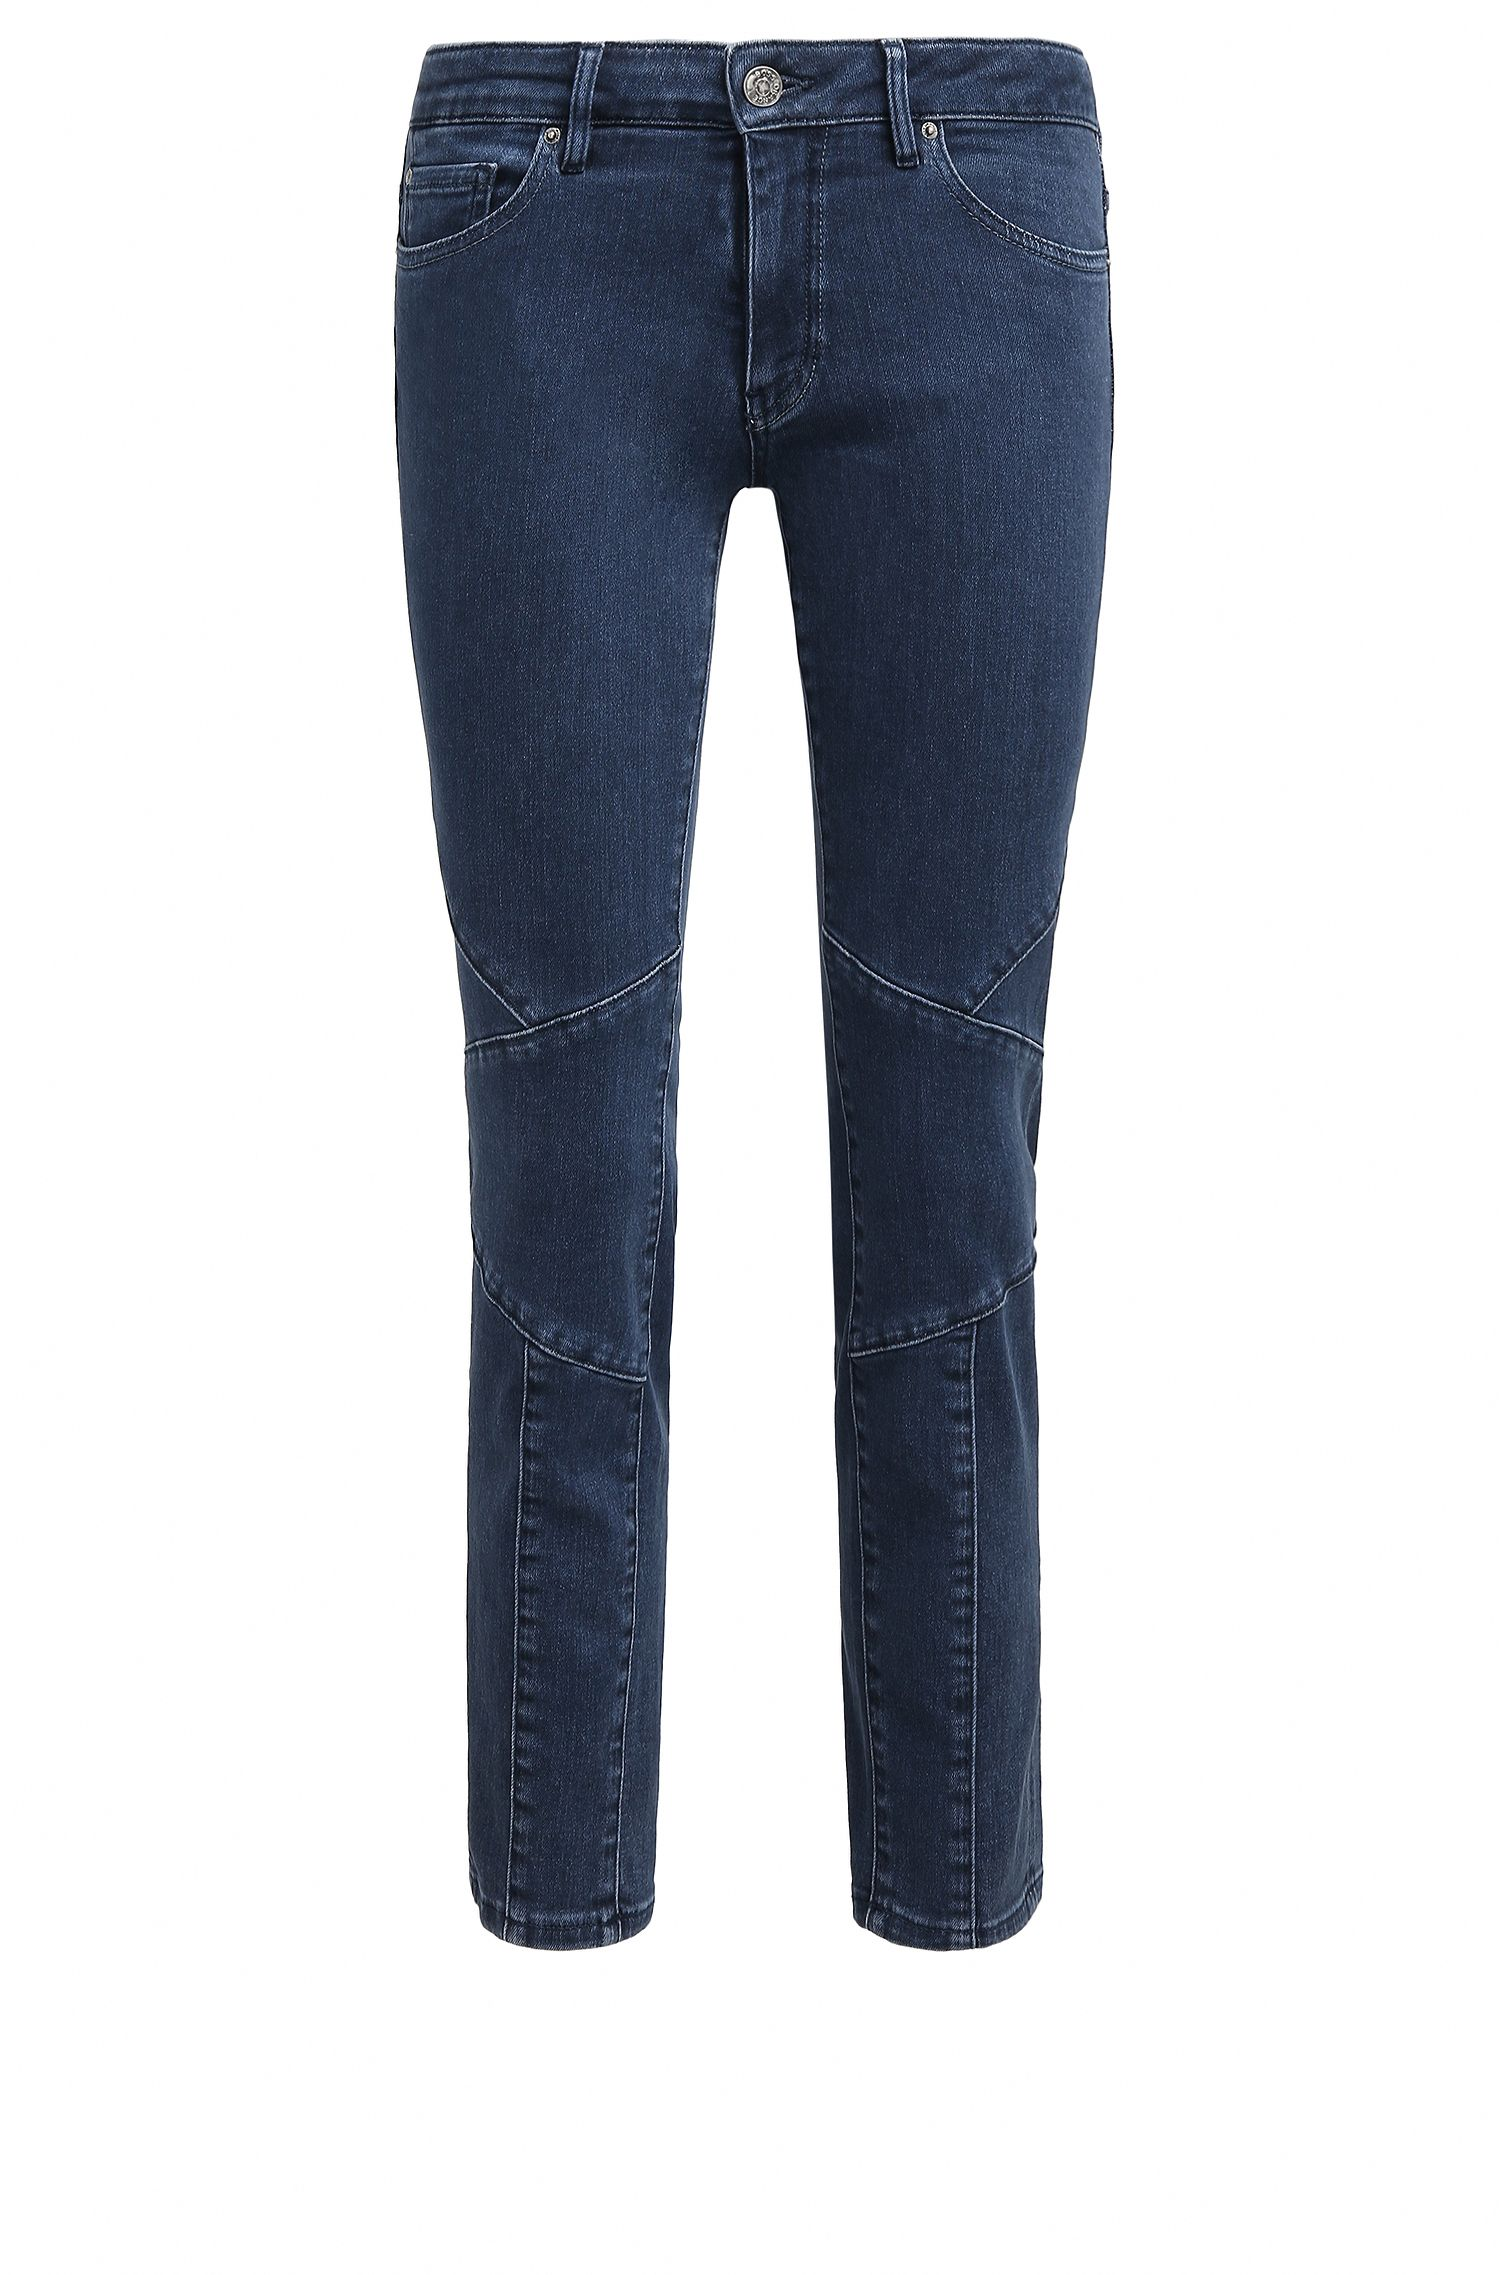 Kurz geschnittene Slim-Fit Jeans aus Stretch-Denim im Biker-Look